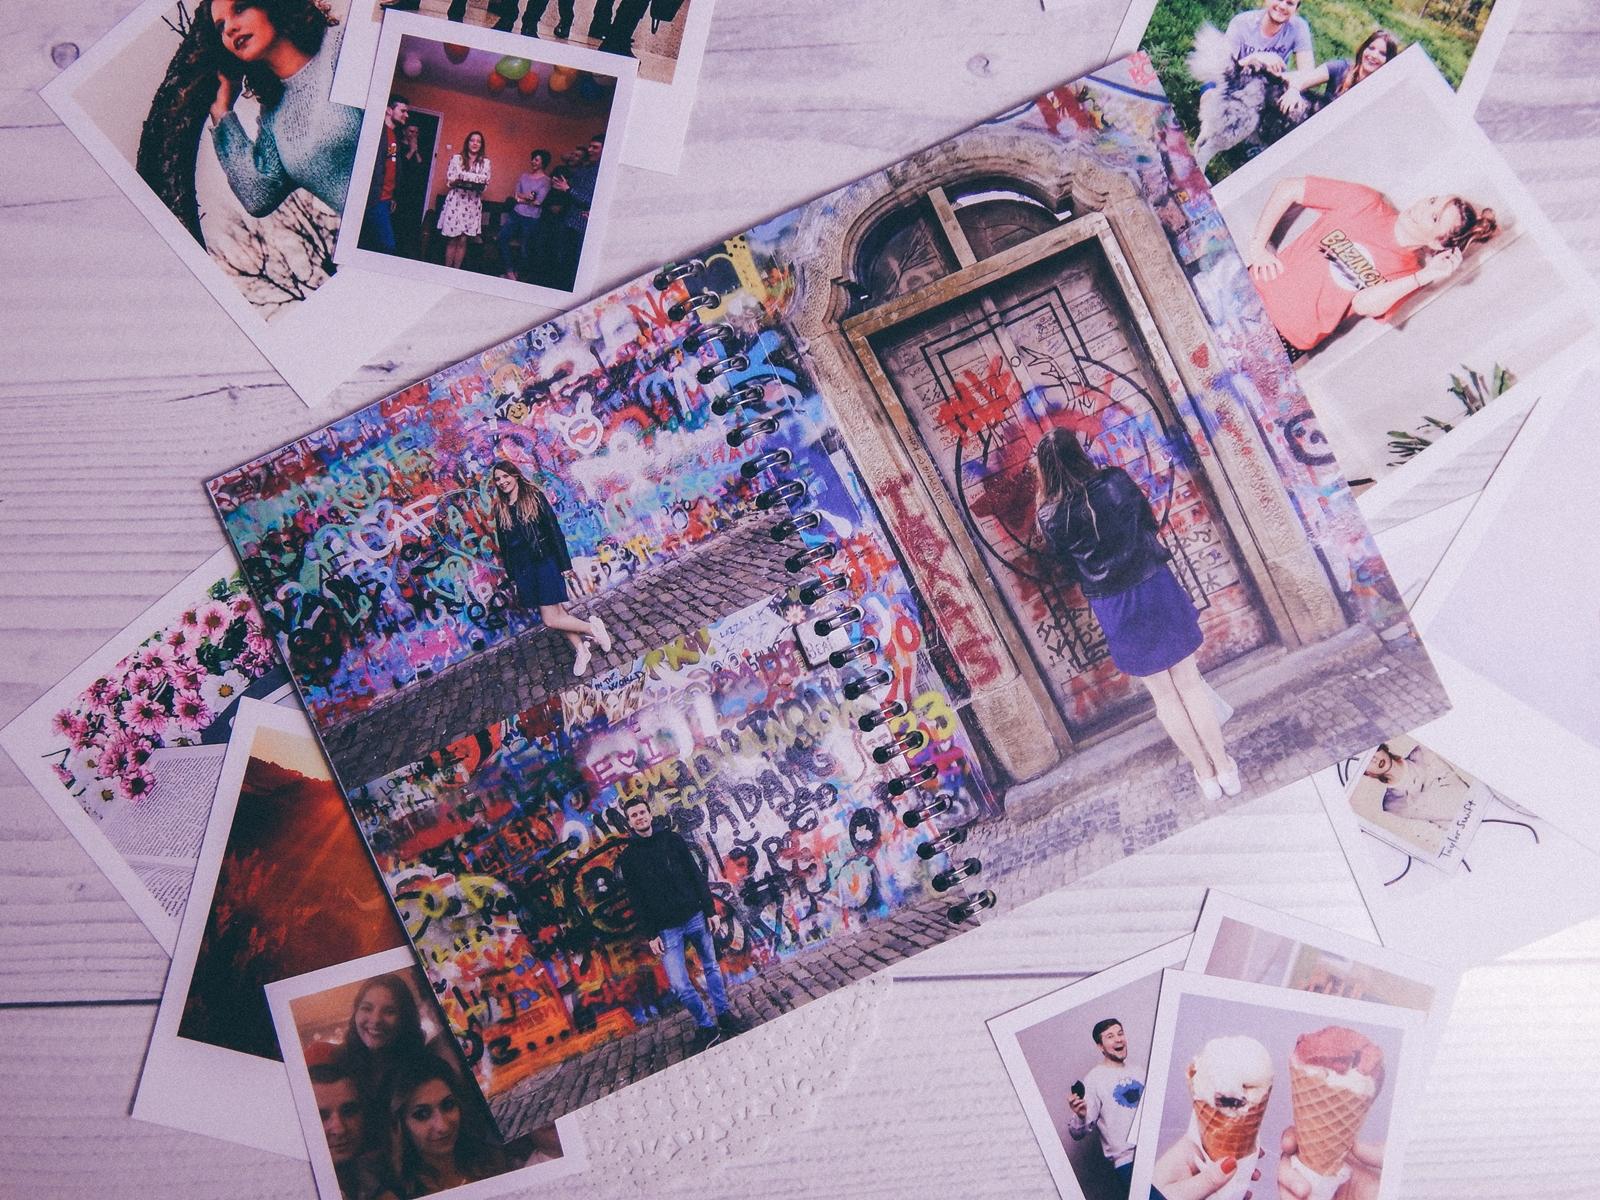 4 fotozeszyt saal digital zeszyt na zdjęcia a5 na sprężynie fotoksiązka photobook recenzja test fotozeszytu tanie wywoływanie zdjęć online melodylaniella polaroidy